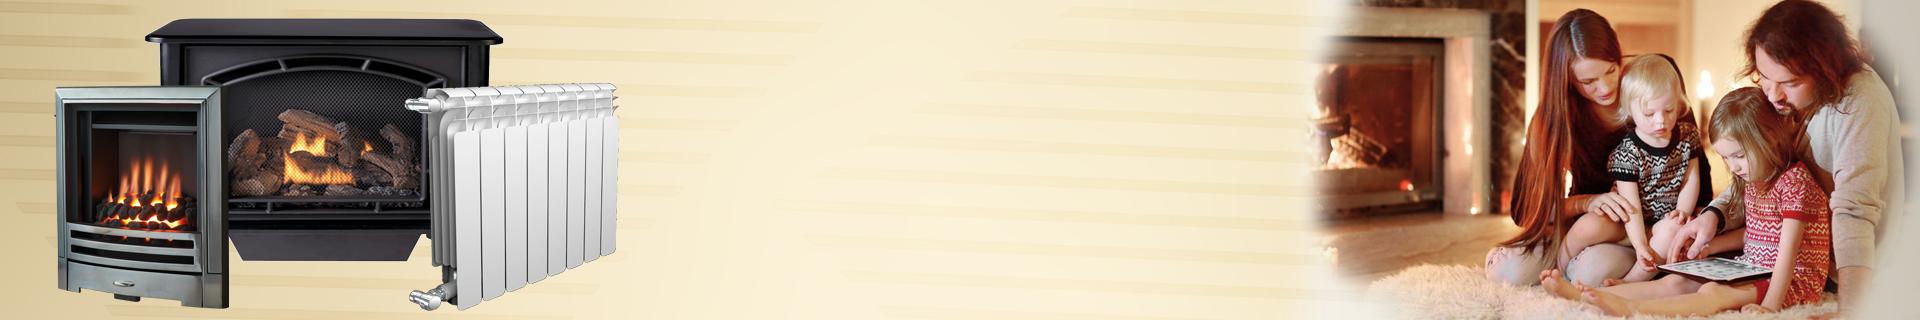 ᐅ Les Meilleures Cheminees Electriques Decoratives Comparatif En